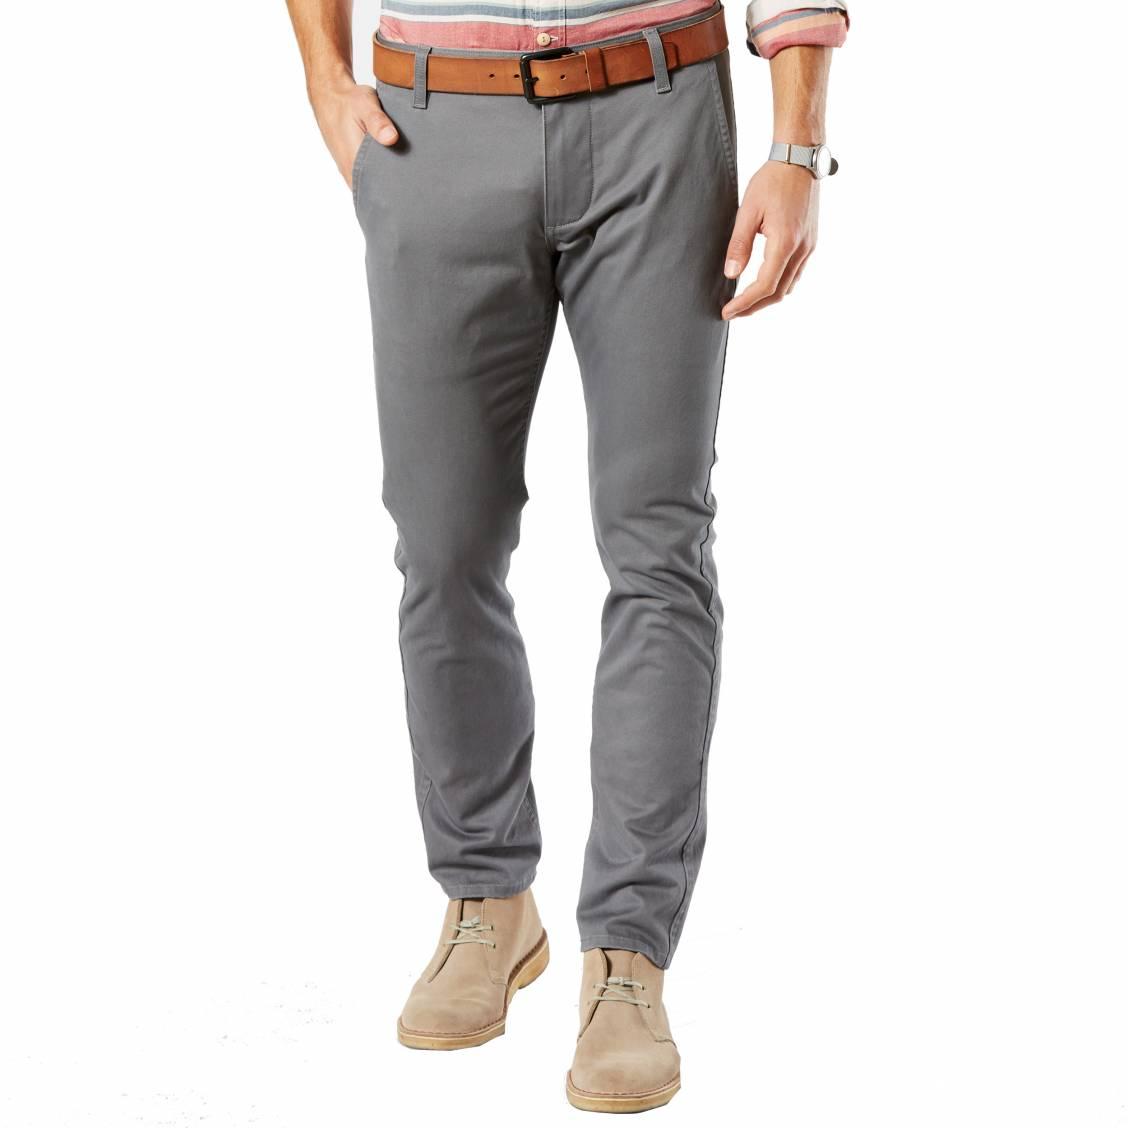 Pantalon alpha stretch khaki original skinny tapered  en sergé de coton gris